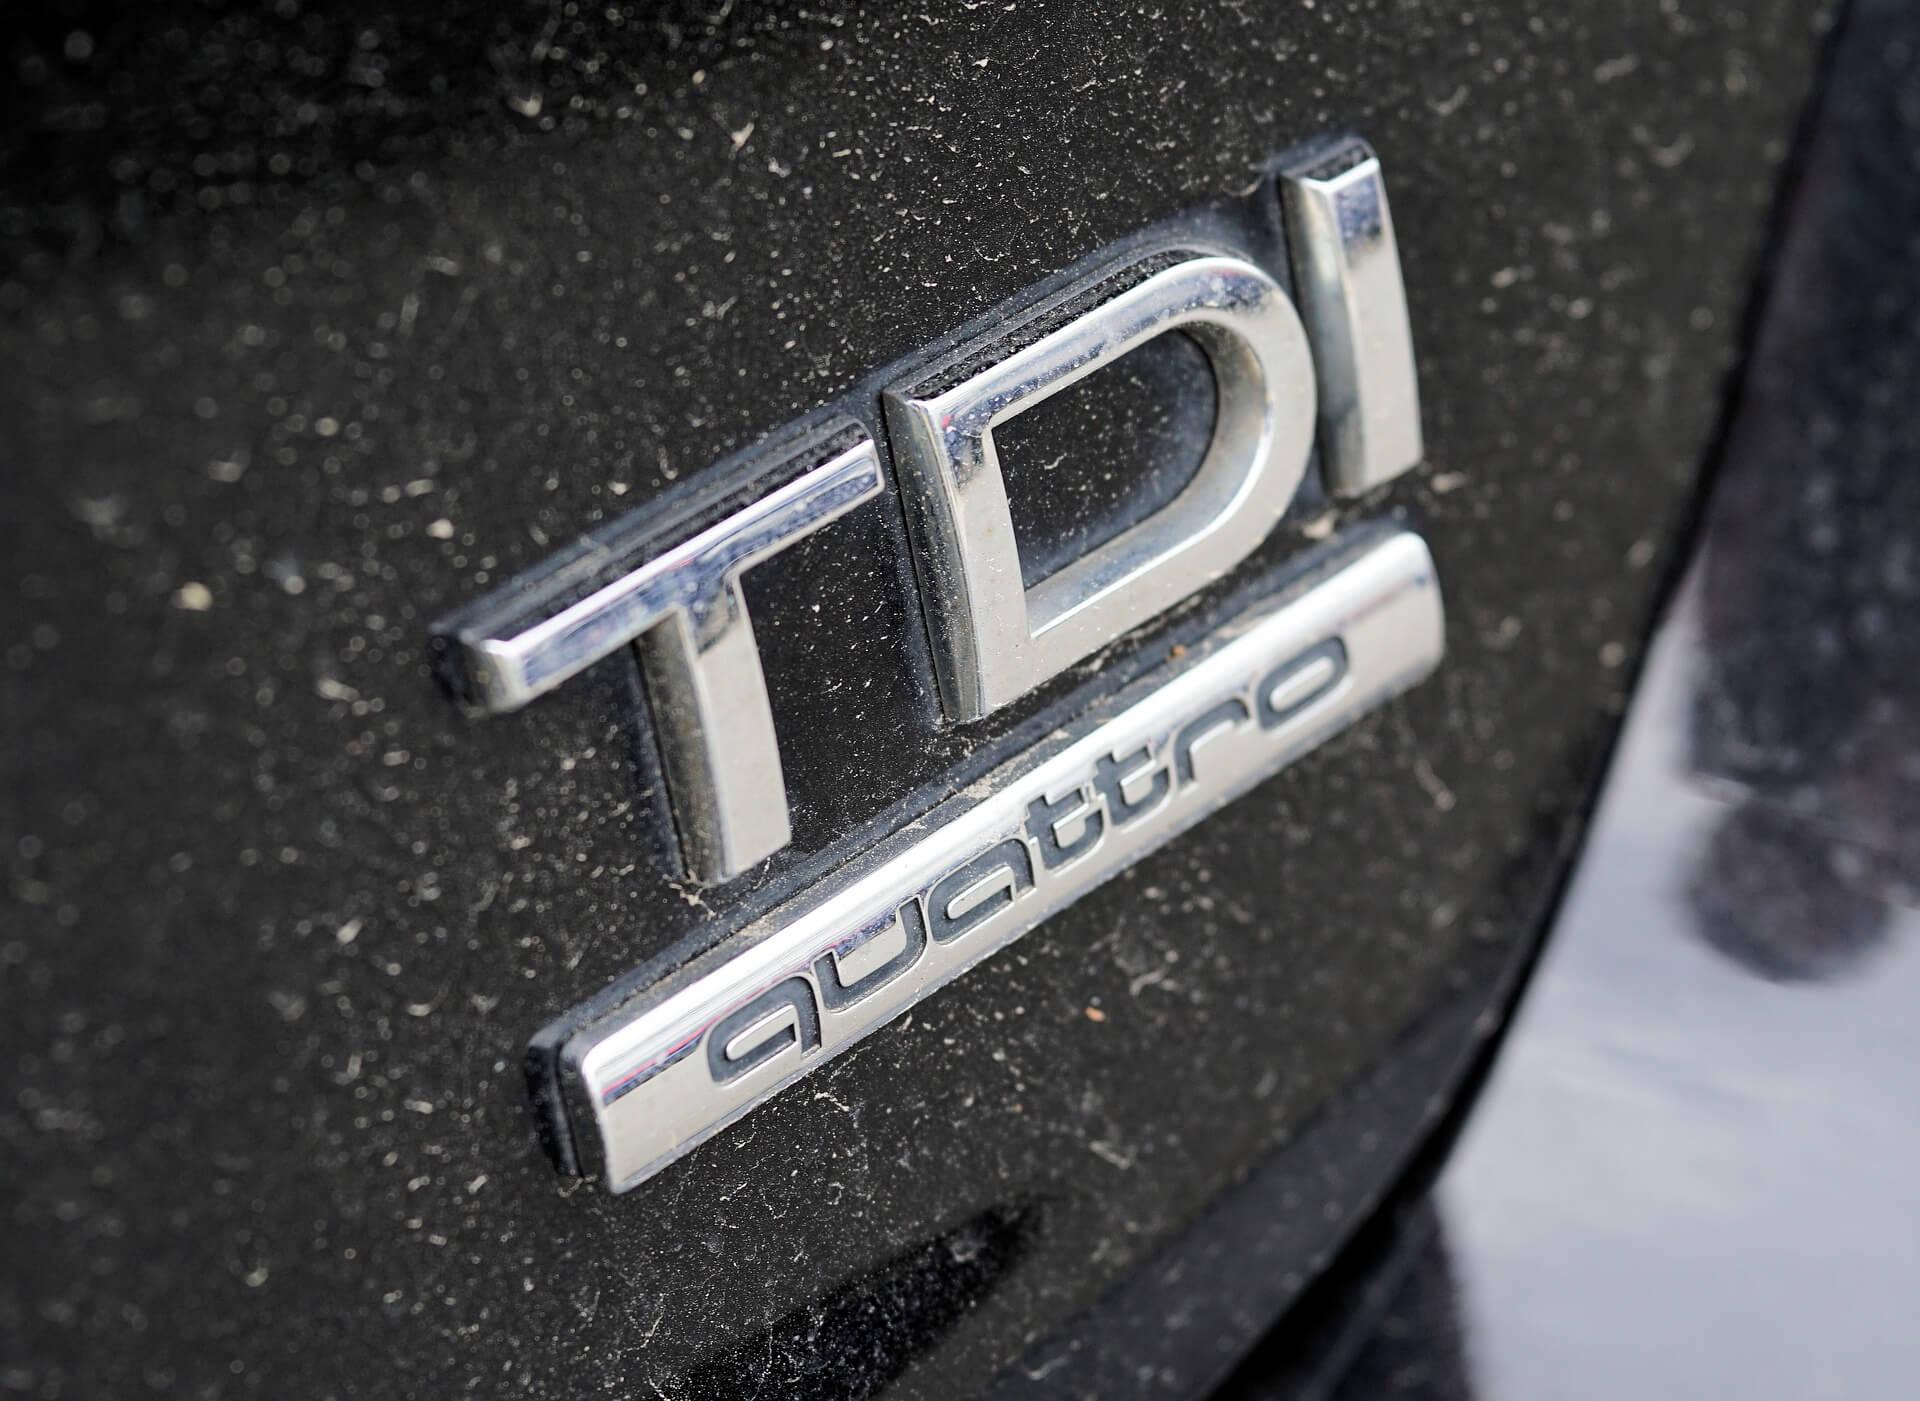 Diesel-Auto jetzt verkaufen oder noch behalten